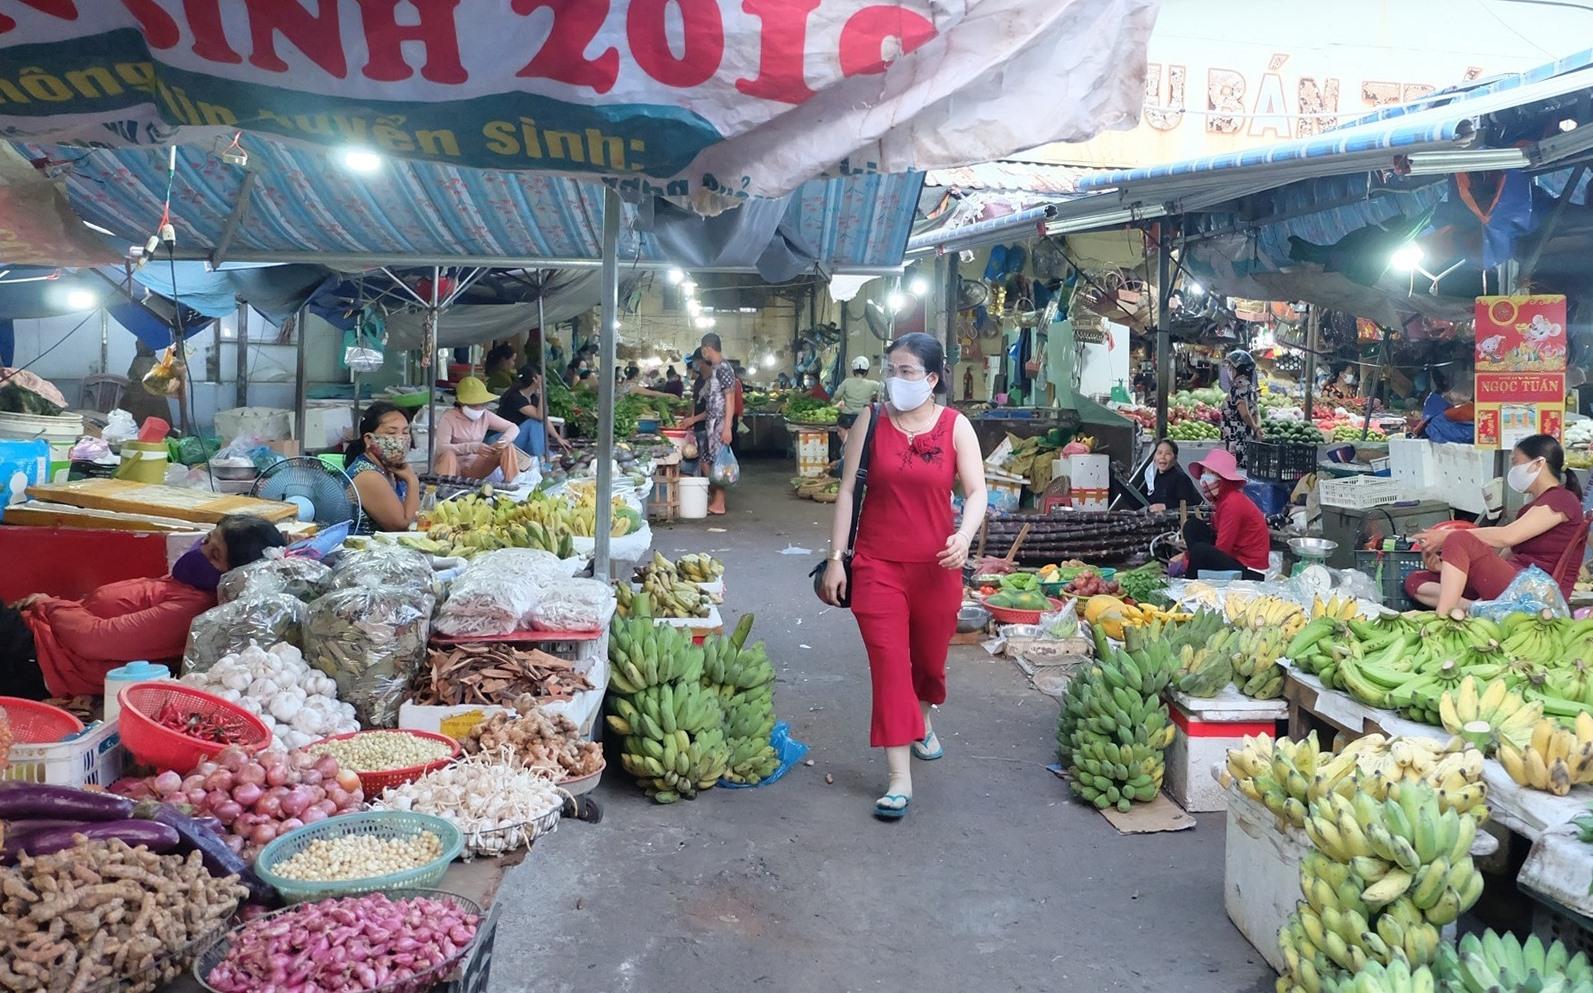 Hàng hóa tại các chợ dồi dào nhưng sức mua giảm sút. Ảnh: M.L